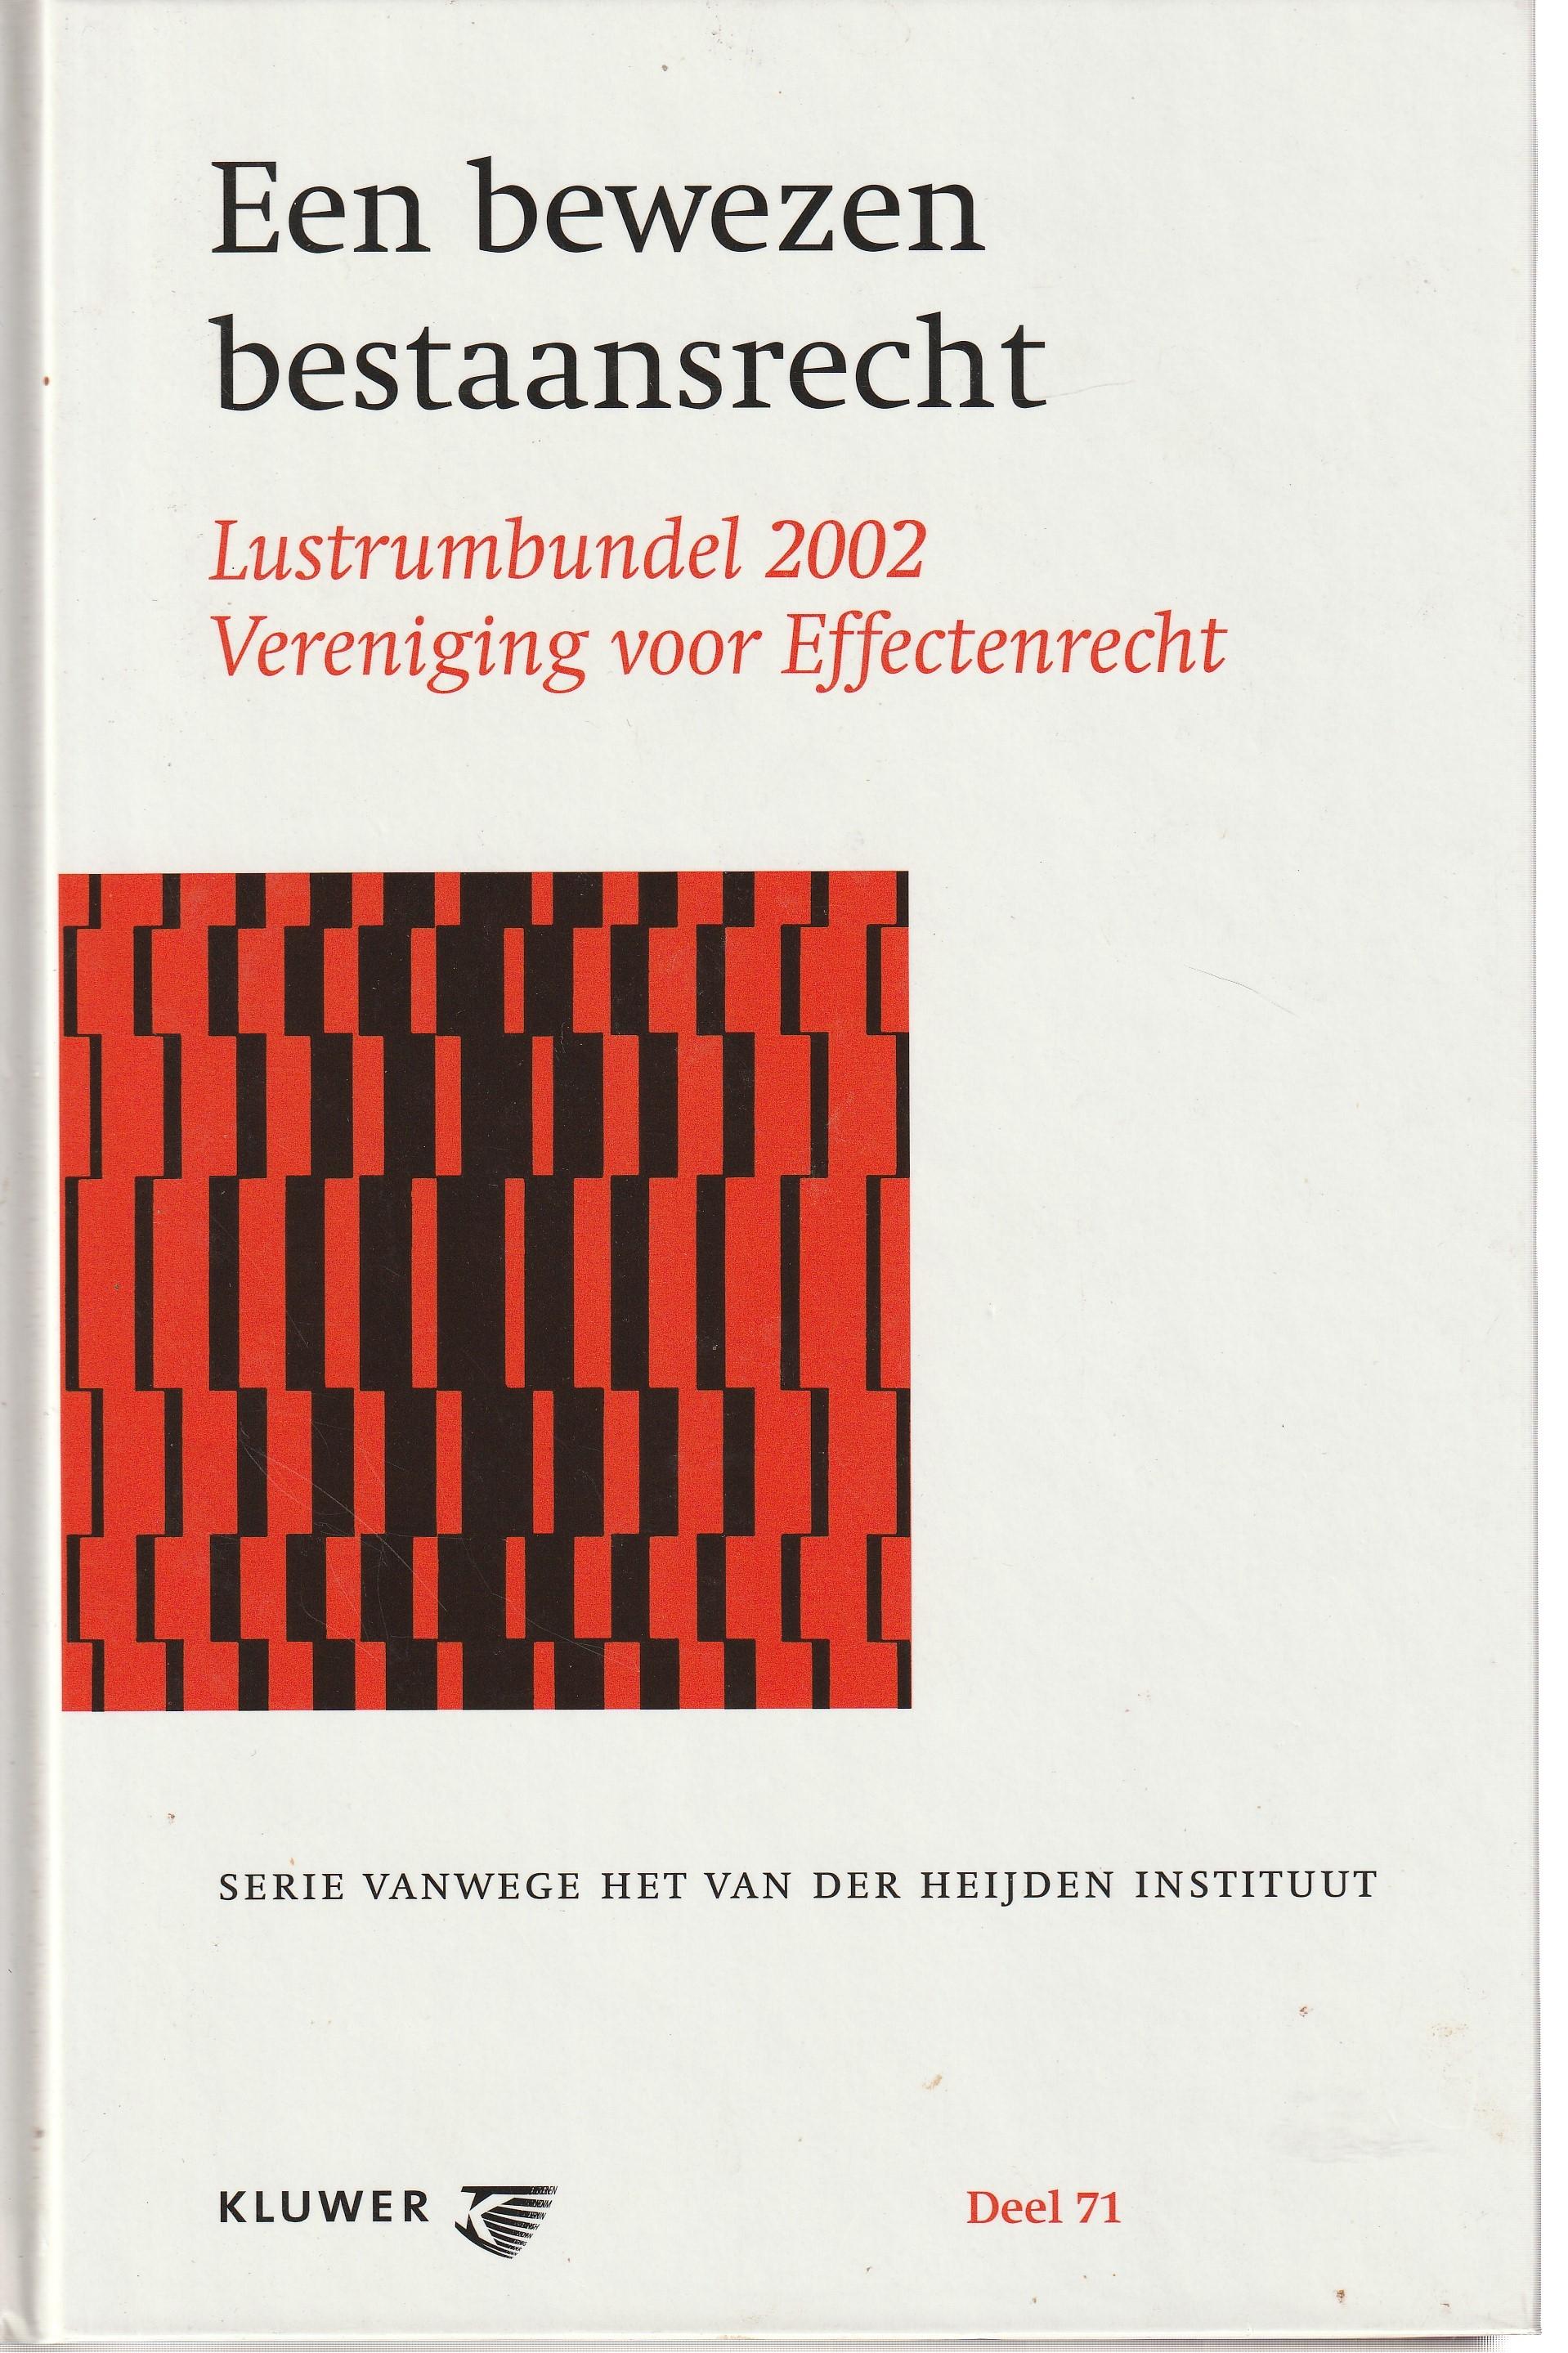 Een bewezen bestaansrecht - Lustrumbundel 2002 Vereniging voor Effectenrecht